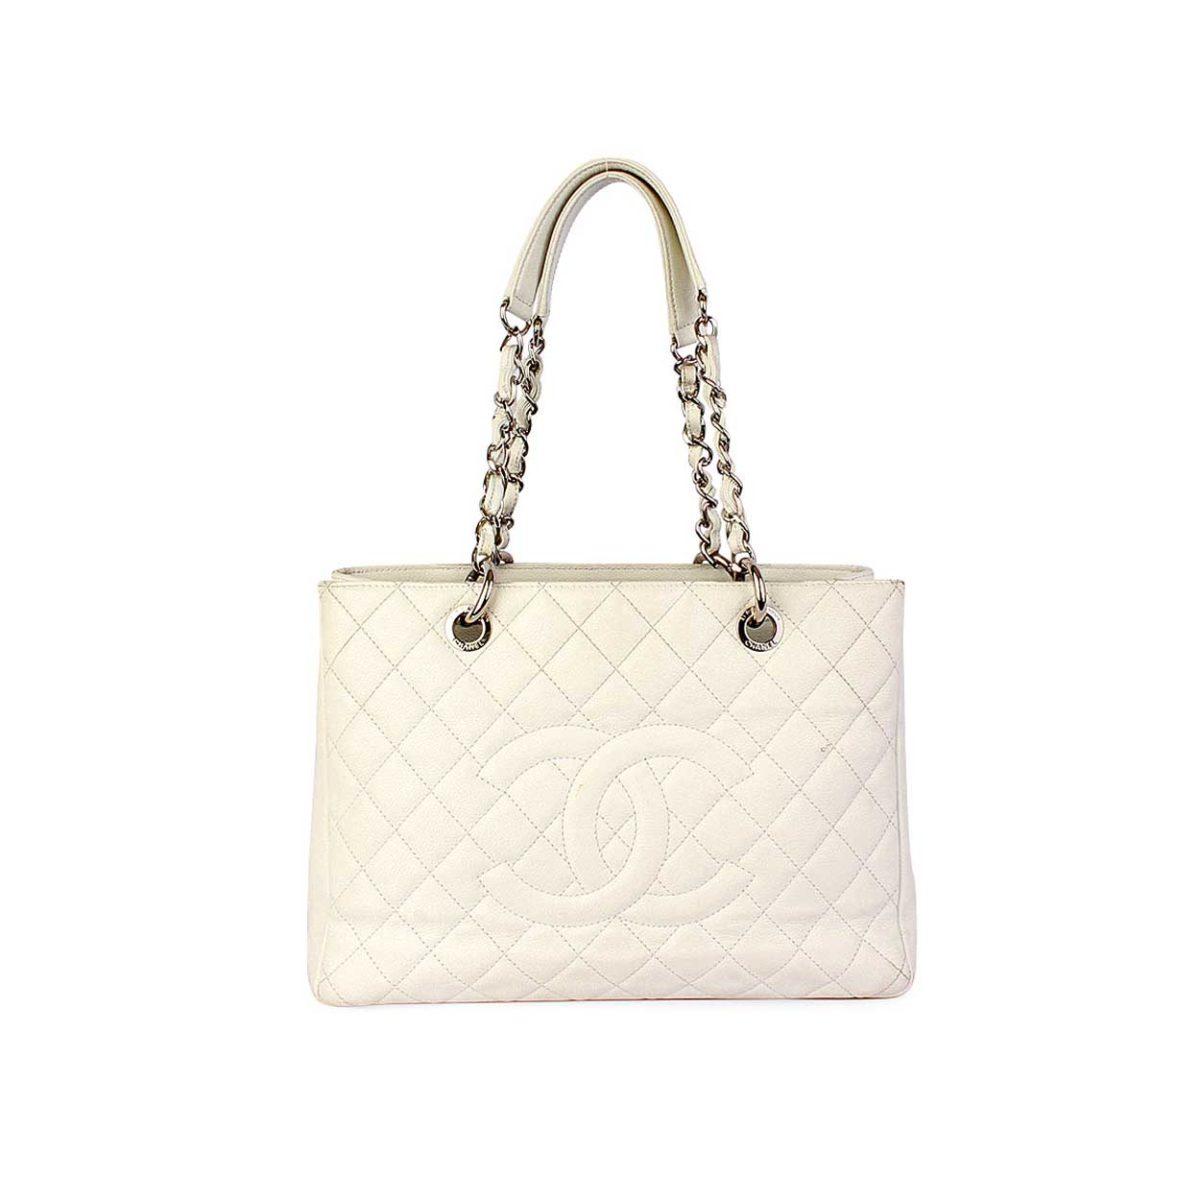 lisa quilt handbags minardi quilted leather v bluefly shoulder com bag width p